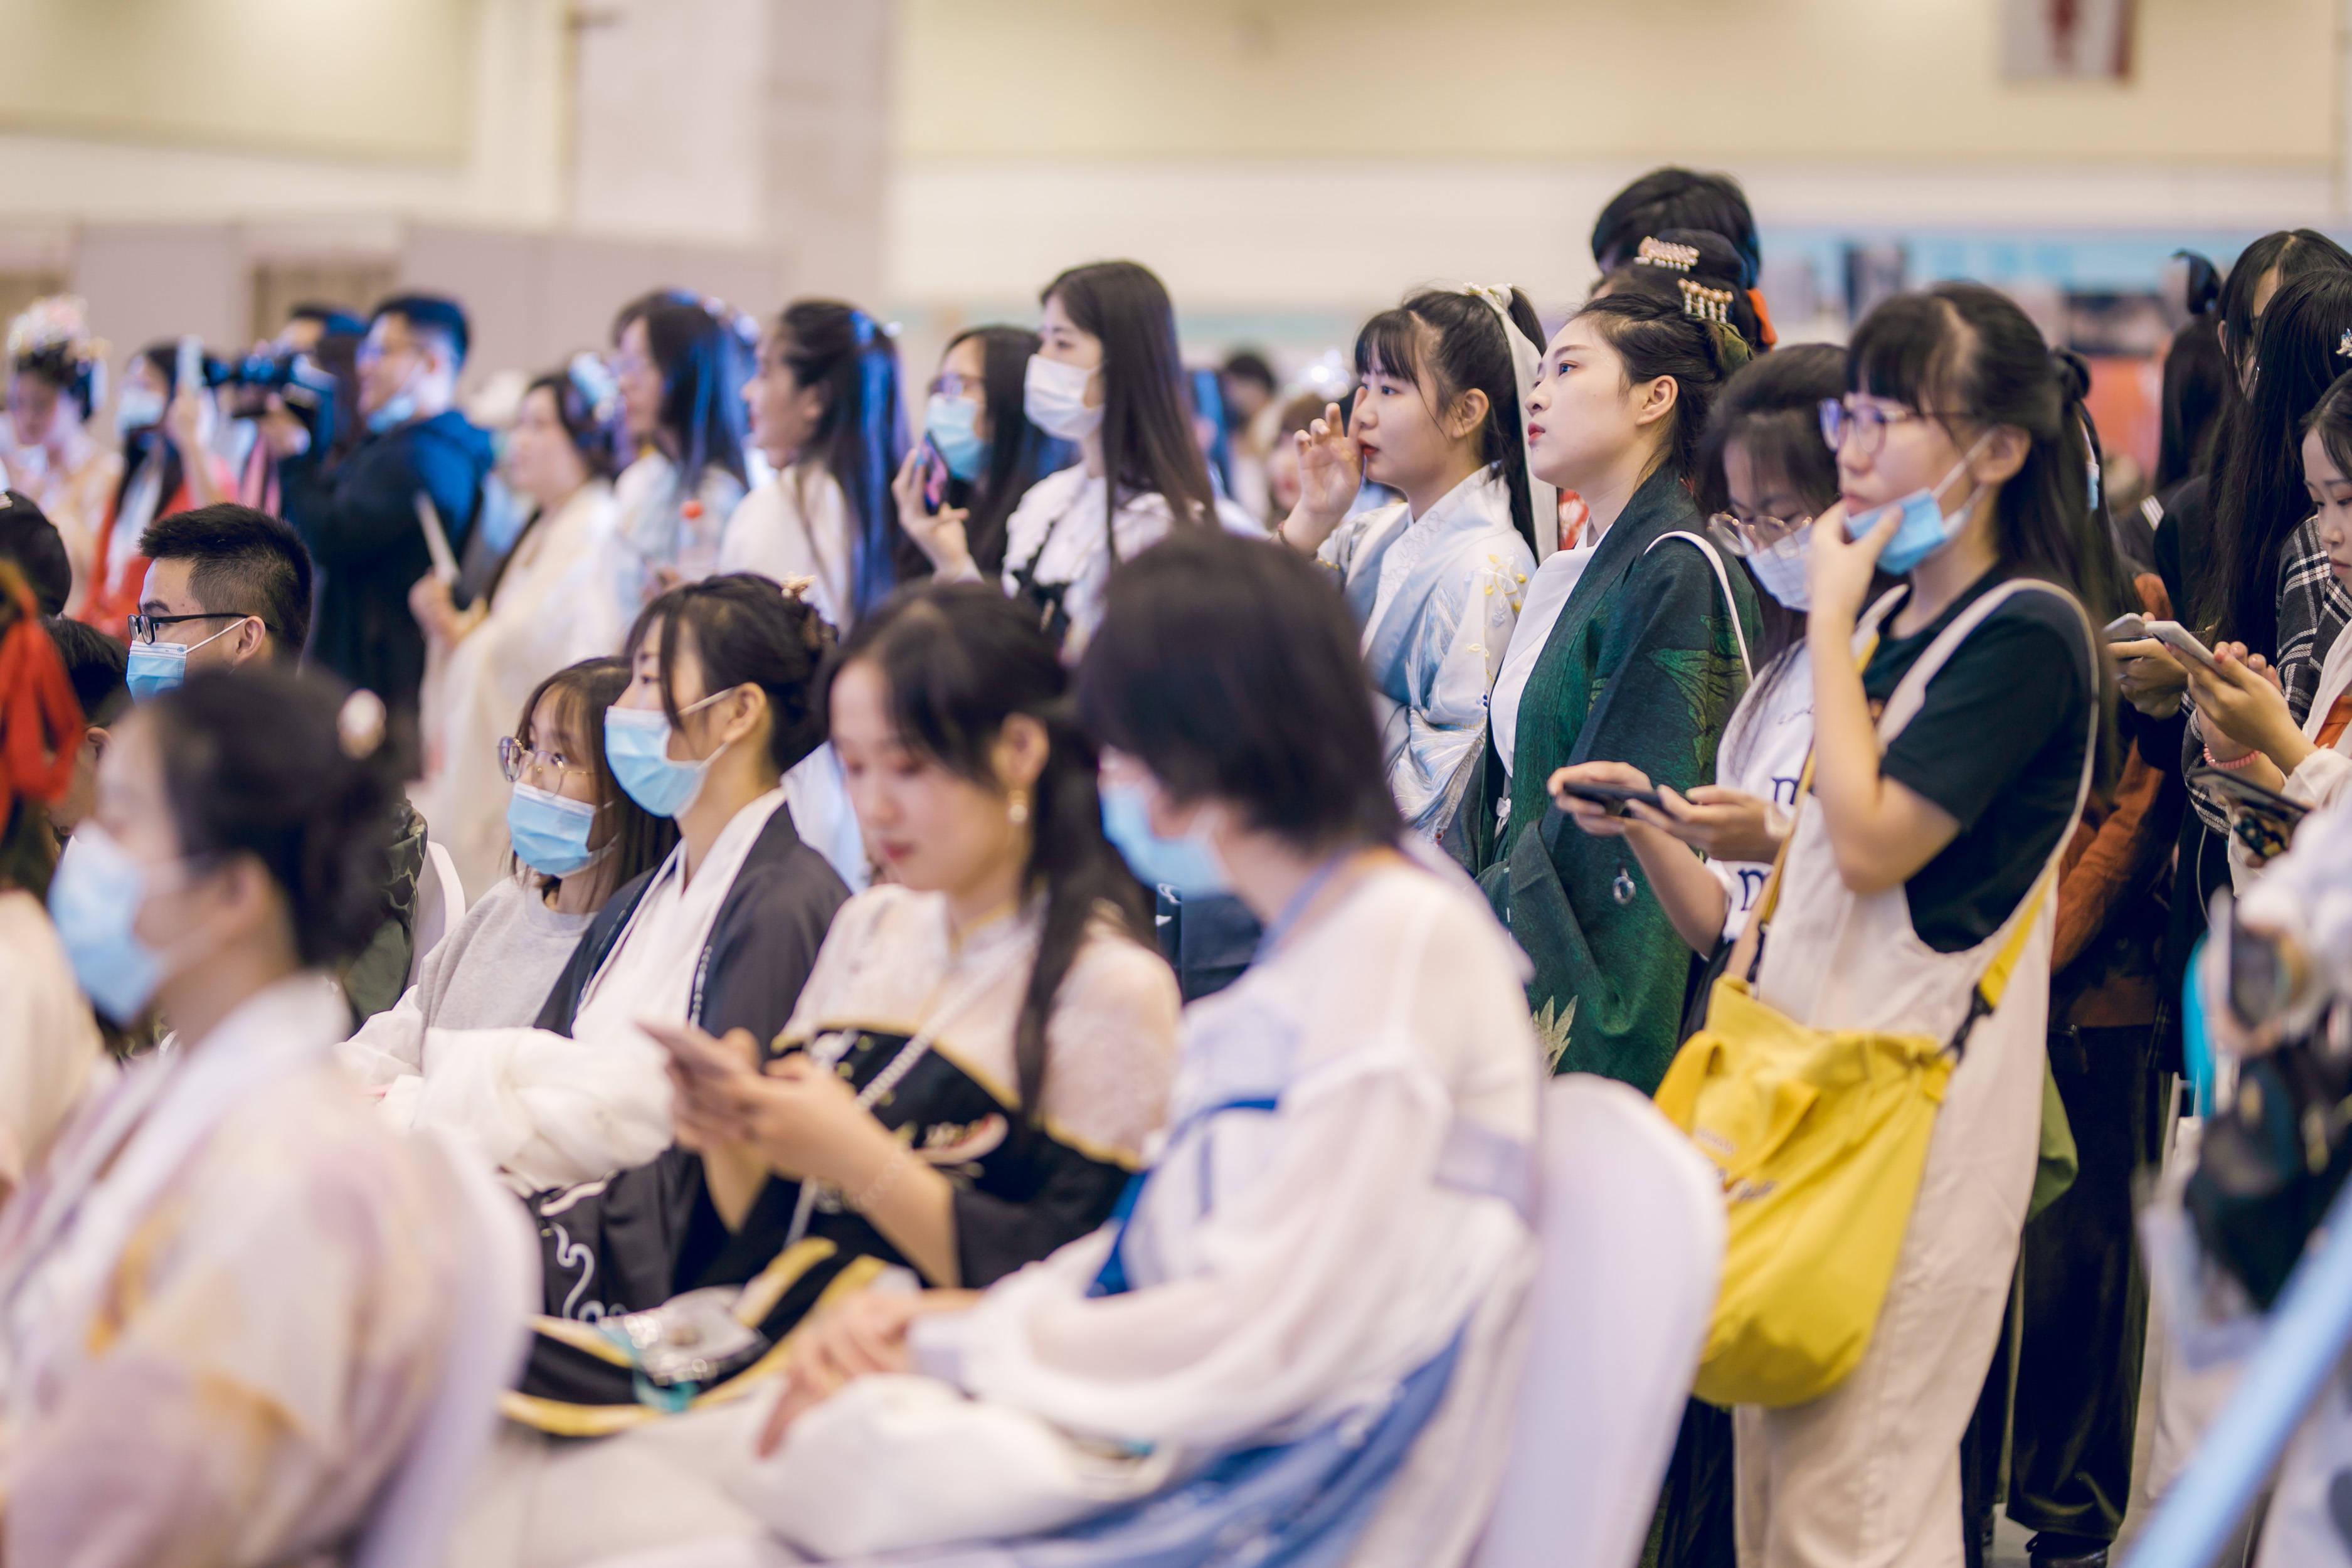 苏州第三届CG国风动漫节来了 五一齐聚阳澄电竞馆! 展会活动-第11张